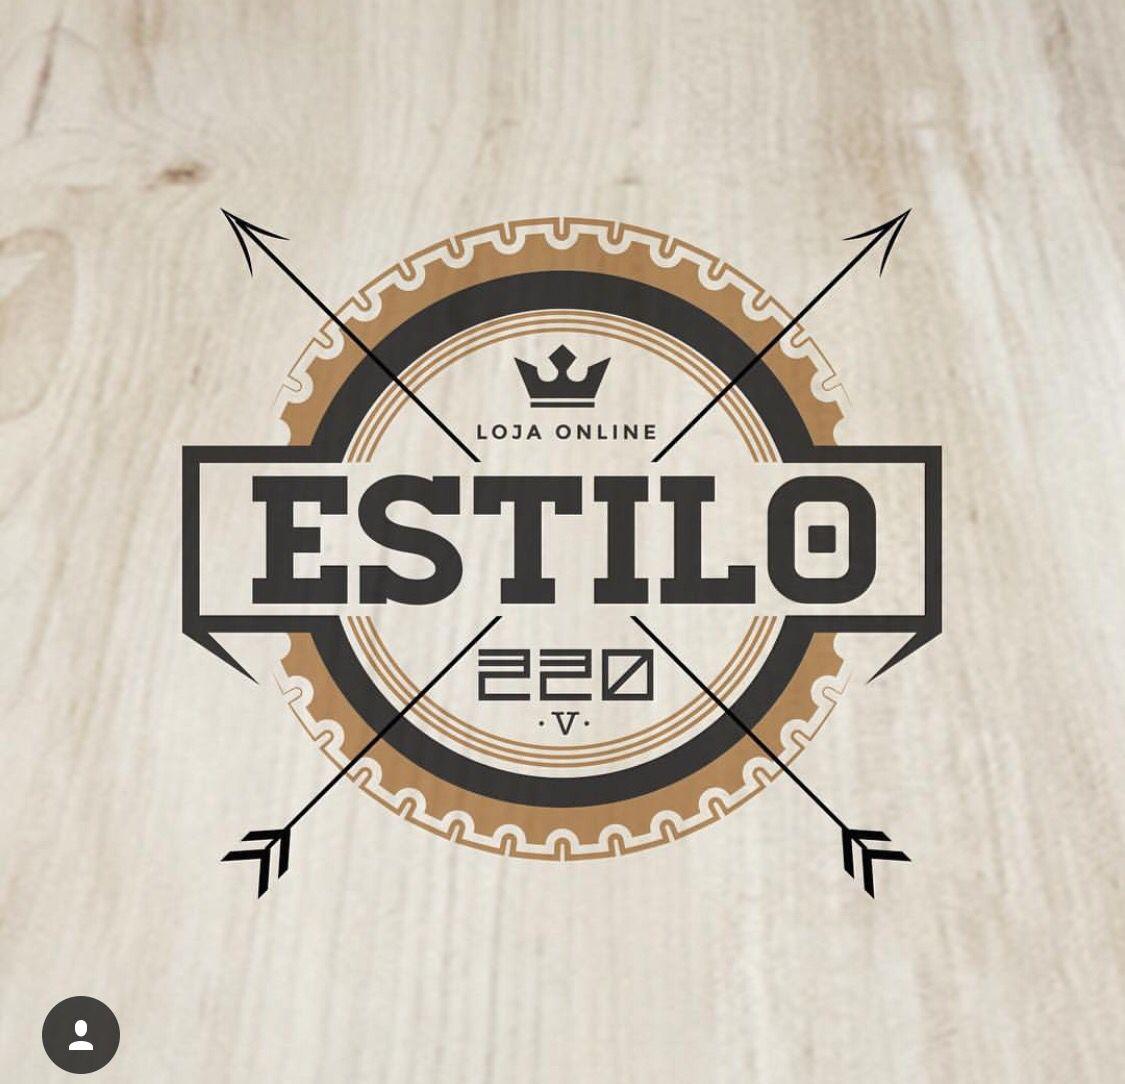 Logomarca Para Loja On Line De Acessorios Masculinos Logotipo